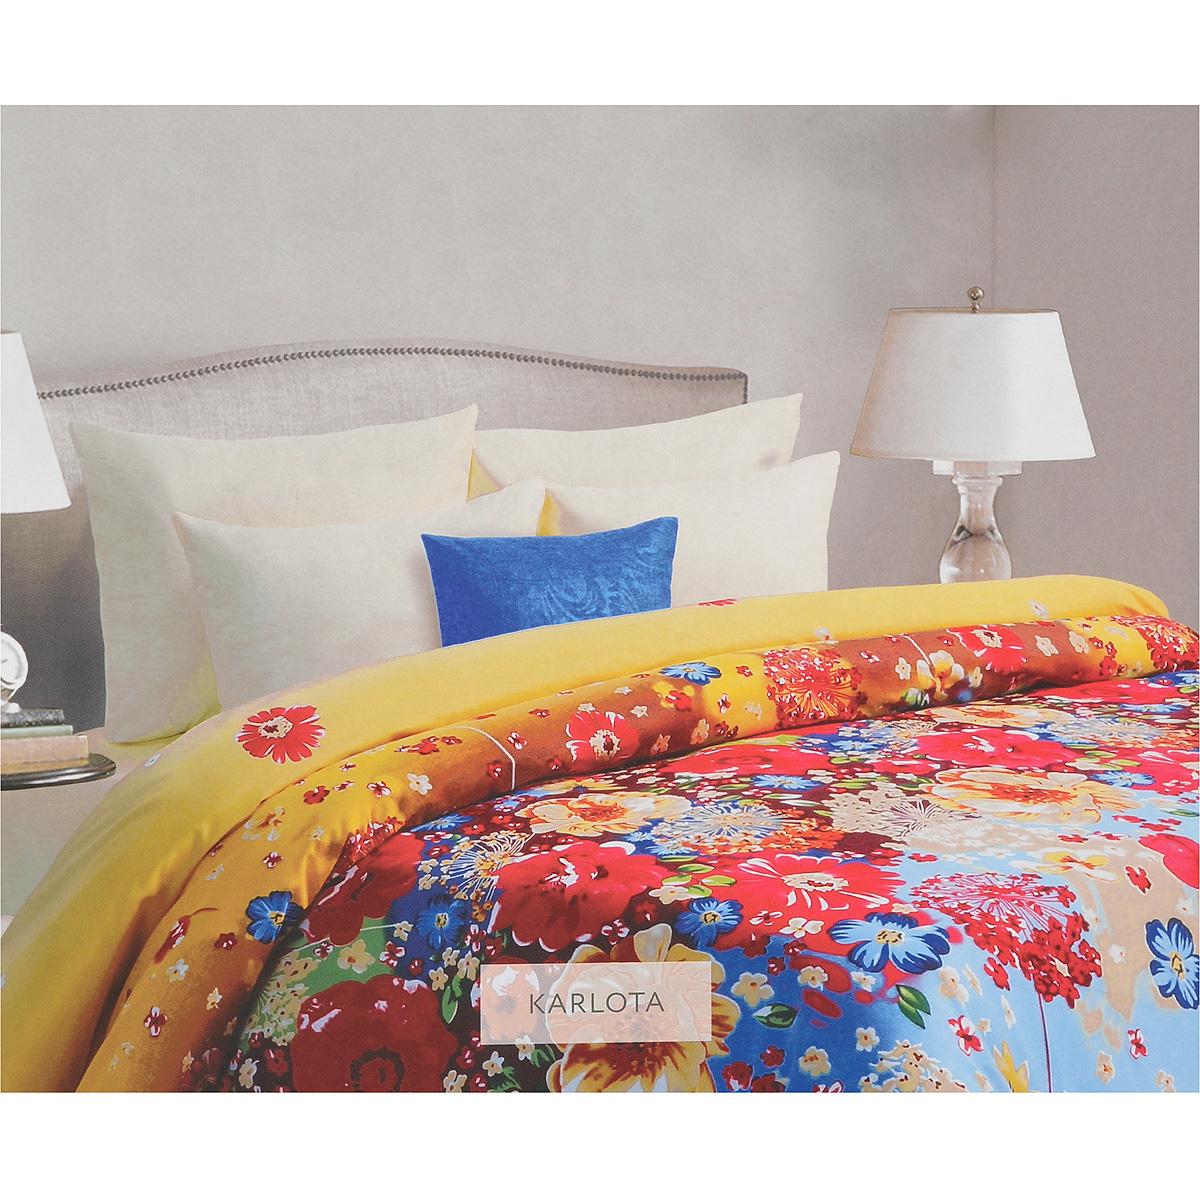 Комплект белья Mona Liza Karlota, семейный, наволочки 50х70, цвет: желтый, голубой. 562407/5CLP446Комплект белья Mona Liza Karlota, выполненный из батиста (100% хлопок), состоит из двух пододеяльников, простыни и двух наволочек. Изделия оформлены красивым цветочным рисунком. Батист - тонкая, легкая натуральная ткань полотняного переплетения. Ткань с незначительной сминаемостью, хорошо сохраняющая цвет при стирке, легкая, с прекрасными гигиеническими показателями.В комплект входит: Пододеяльник - 2 шт. Размер: 145 см х 210 см. Простыня - 1 шт. Размер: 215 см х 240 см. Наволочка - 2 шт. Размер: 50 см х 70 см. Рекомендации по уходу: - Ручная и машинная стирка 40°С, - Гладить при температуре не более 150°С, - Не использовать хлорсодержащие средства, - Щадящая сушка, - Не подвергать химчистке.